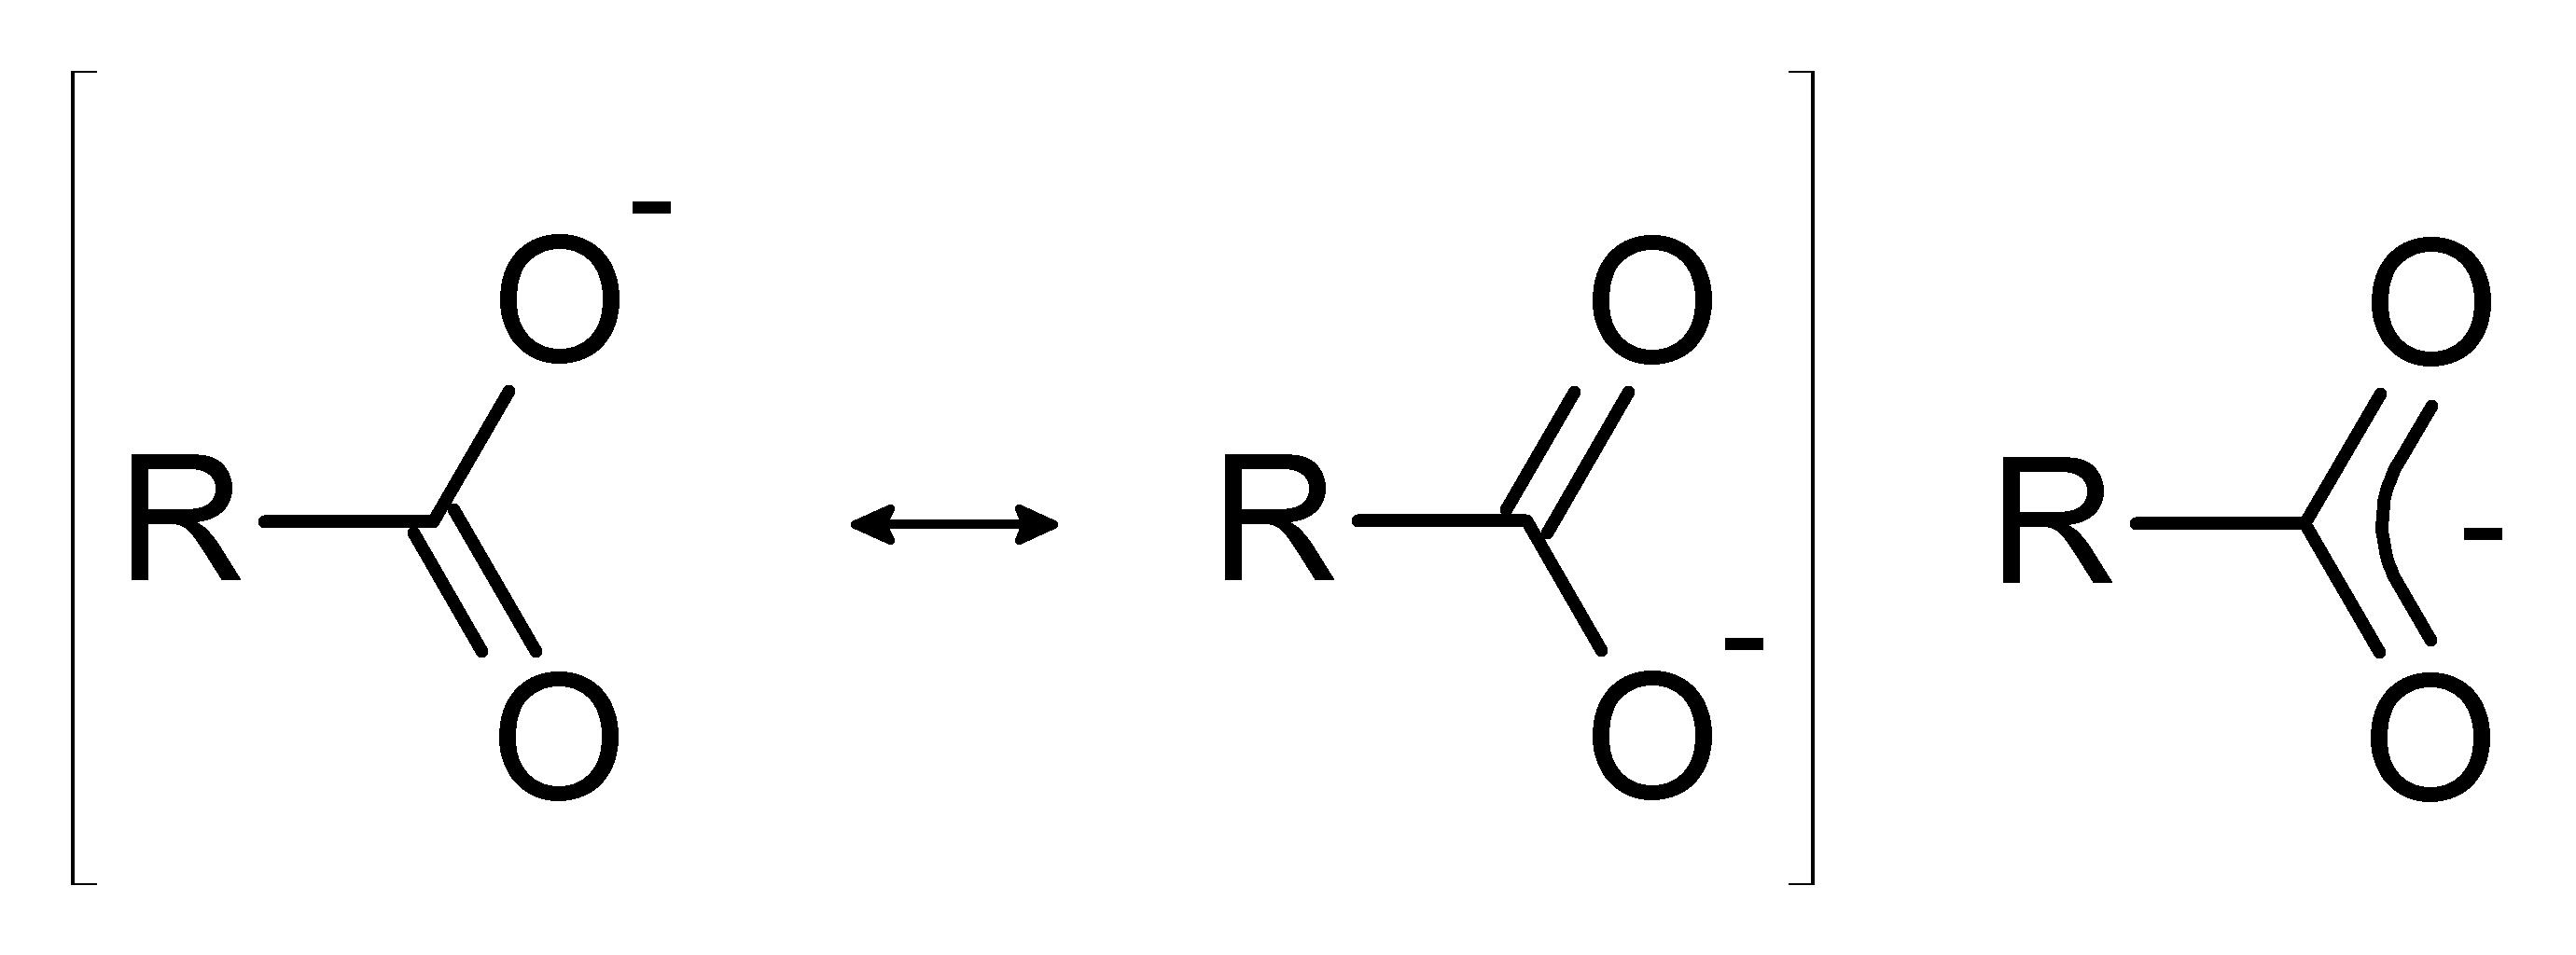 Αποτέλεσμα εικόνας για carboxylic acid resonance